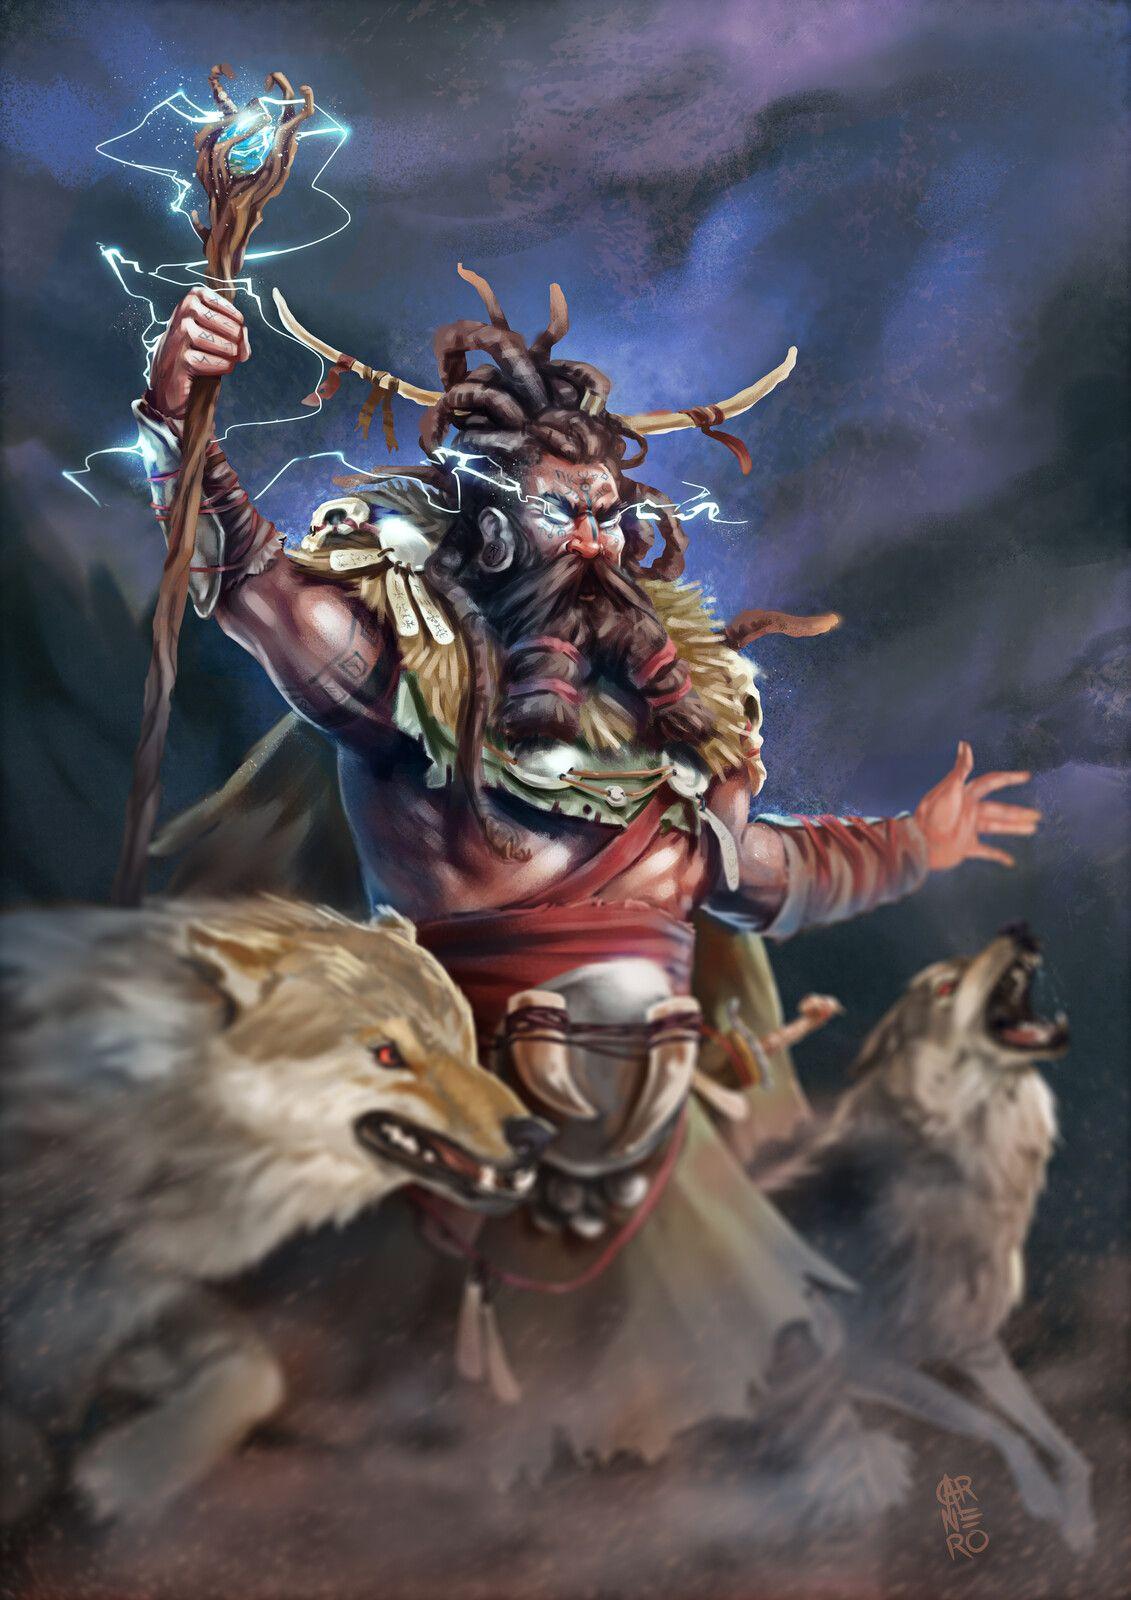 Diablo 4 Fanart Andre Carnero On Artstation At Https Www Artstation Com Artwork Vdevyb In 2020 Artwork Fan Art Druid